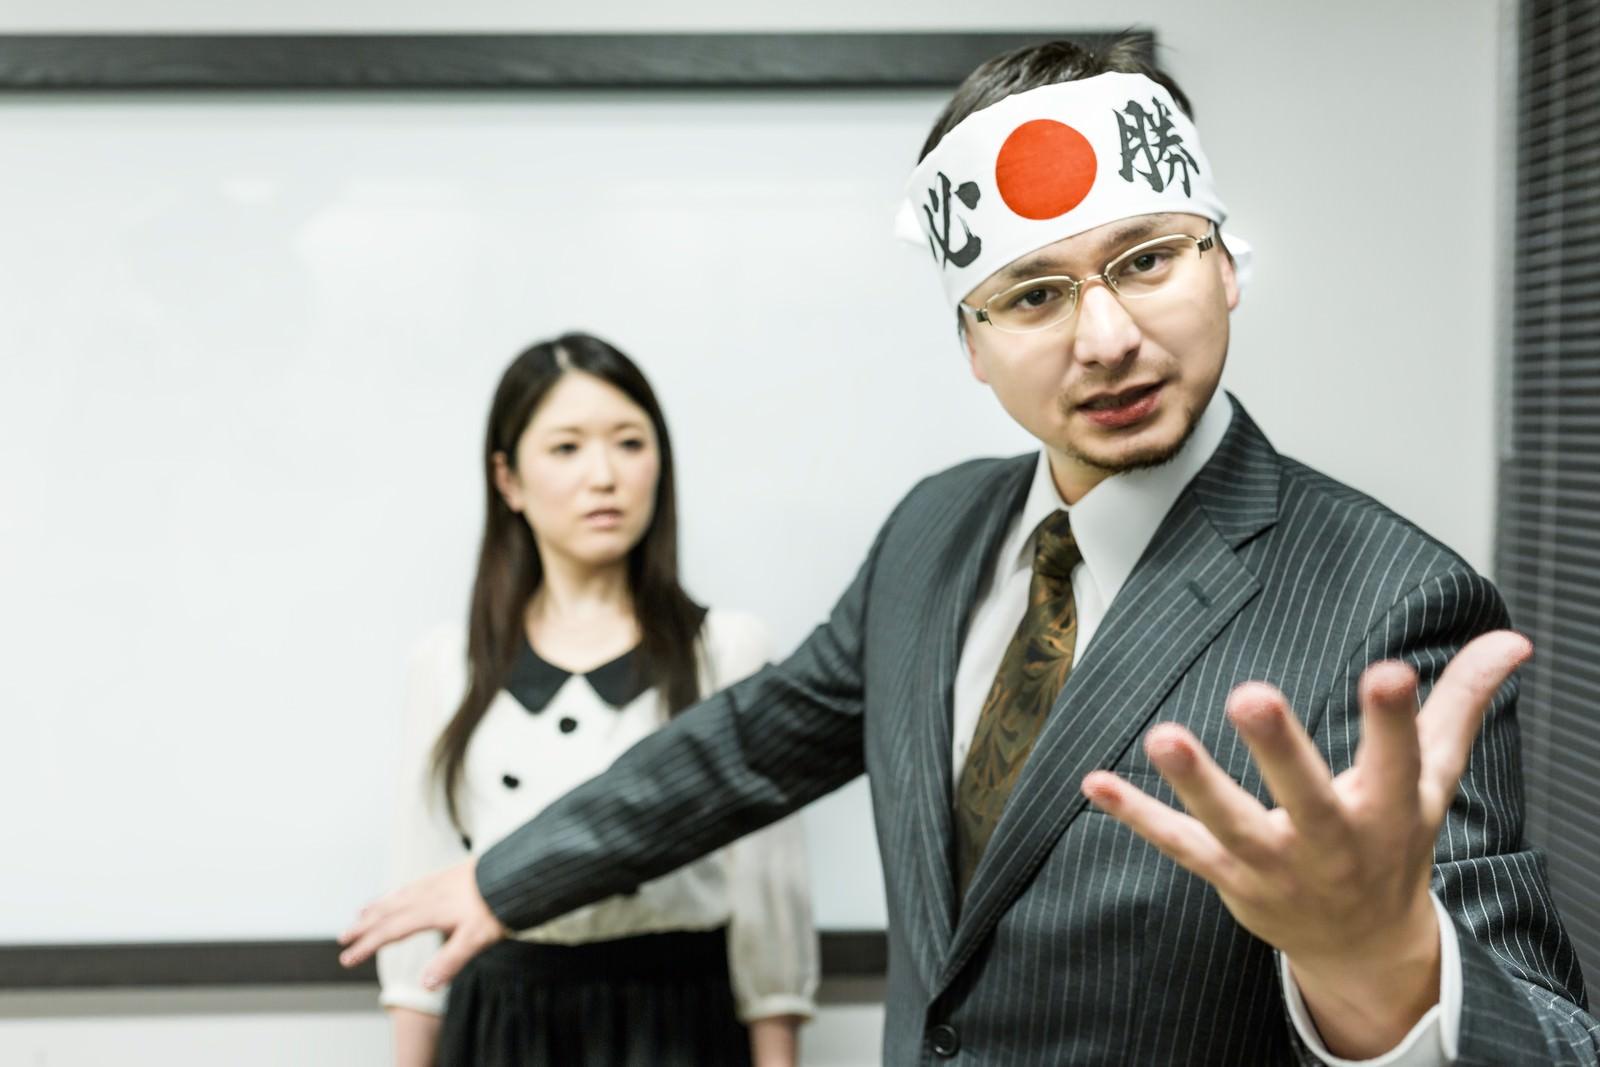 「社長がくっついて来た時、コンペの勝率は0%社長がくっついて来た時、コンペの勝率は0%」[モデル:Max_Ezaki シマヅ]のフリー写真素材